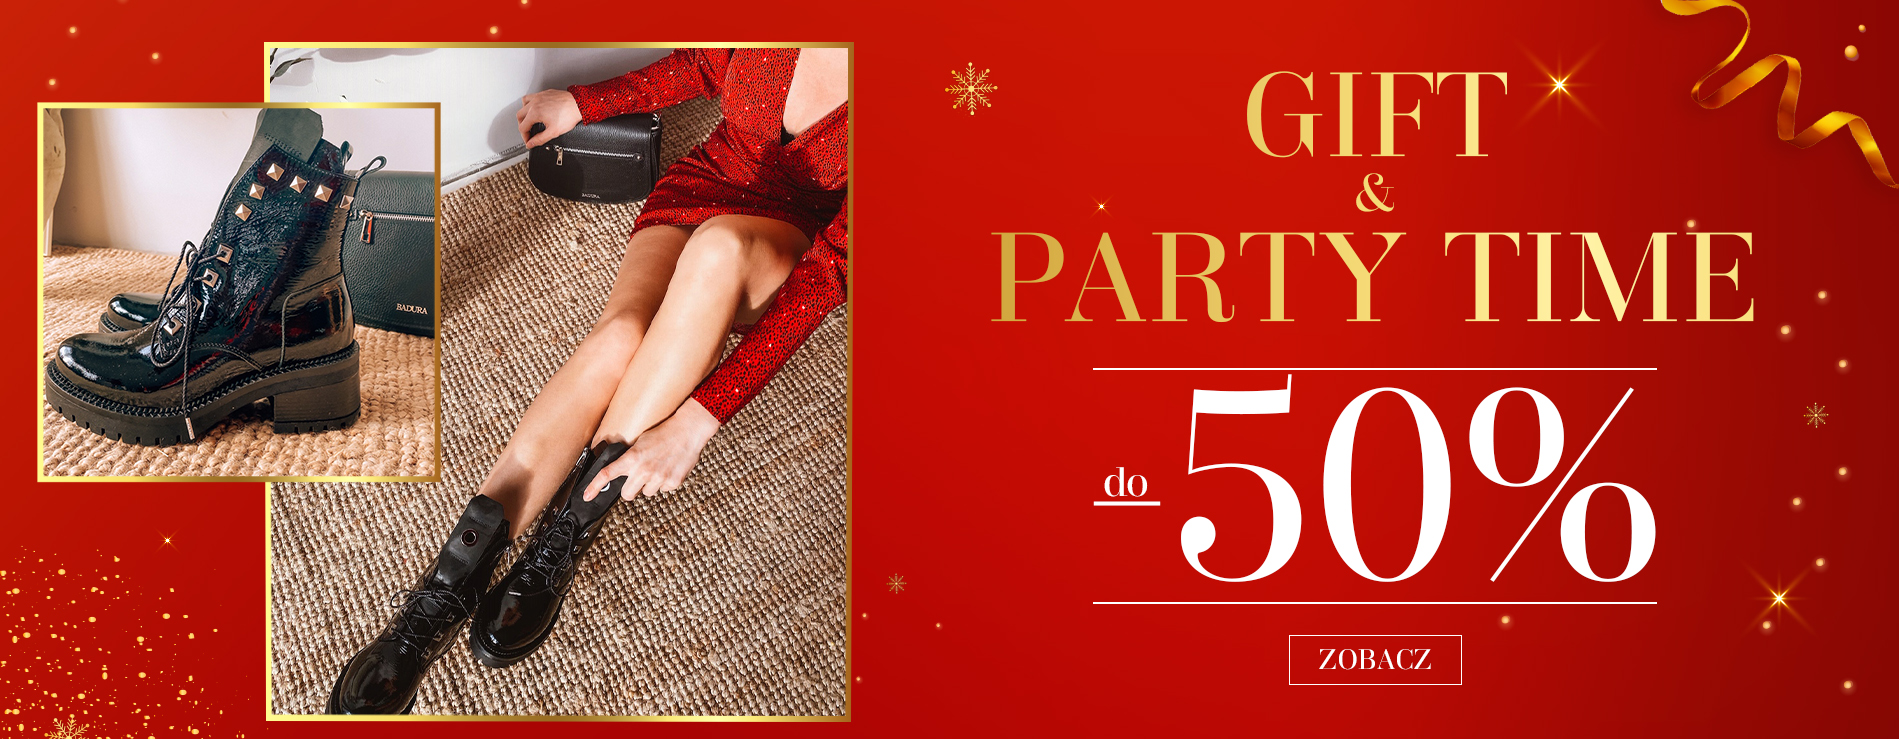 Badura: Gift&Party Time do 50% zniżki na buty damskie i męskie oraz torebki